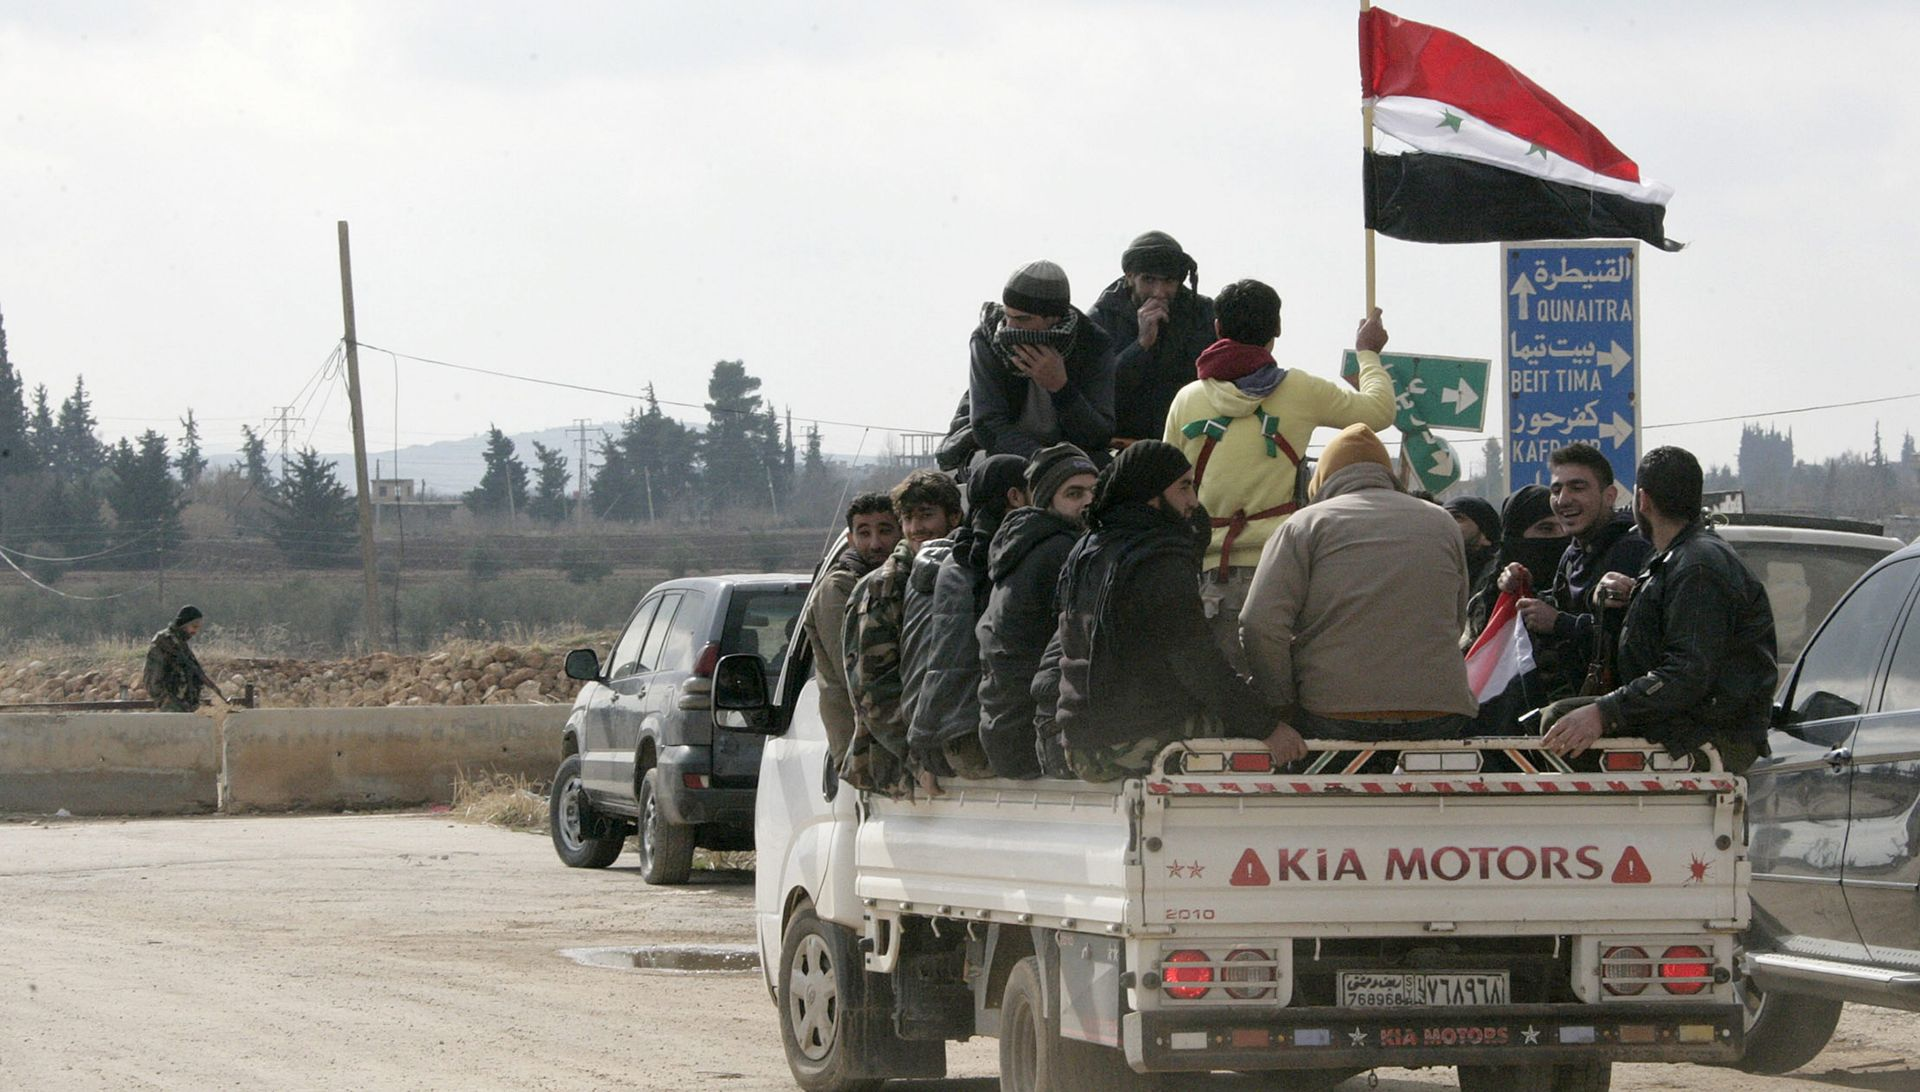 SOHR Unatoč primirju u Siriji, u sukobima blizu Damaska 9 mrtvih